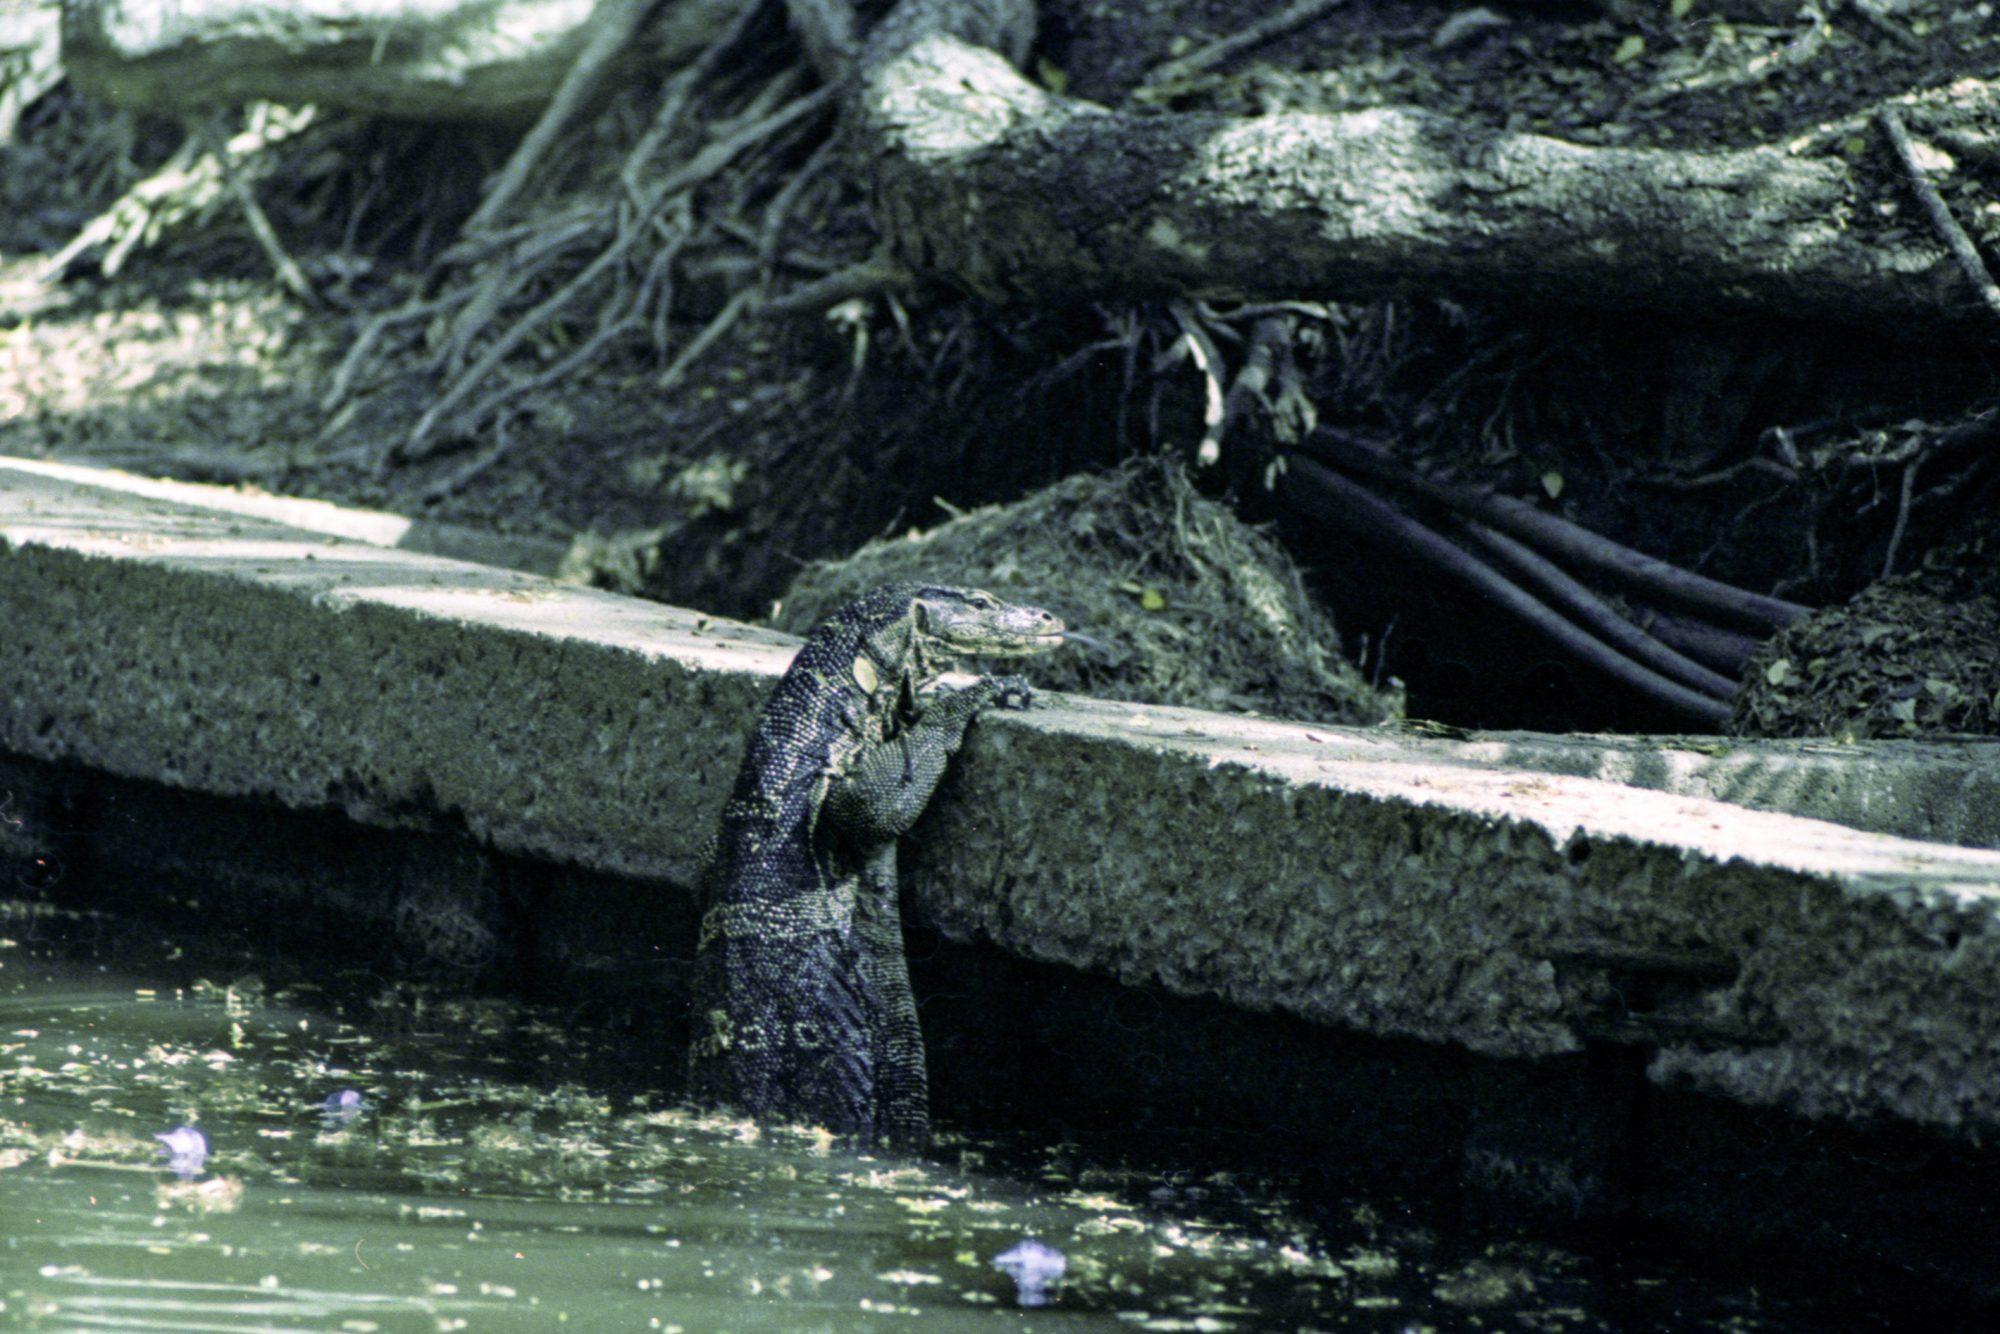 Water monitor (Pic: Iain Compton)